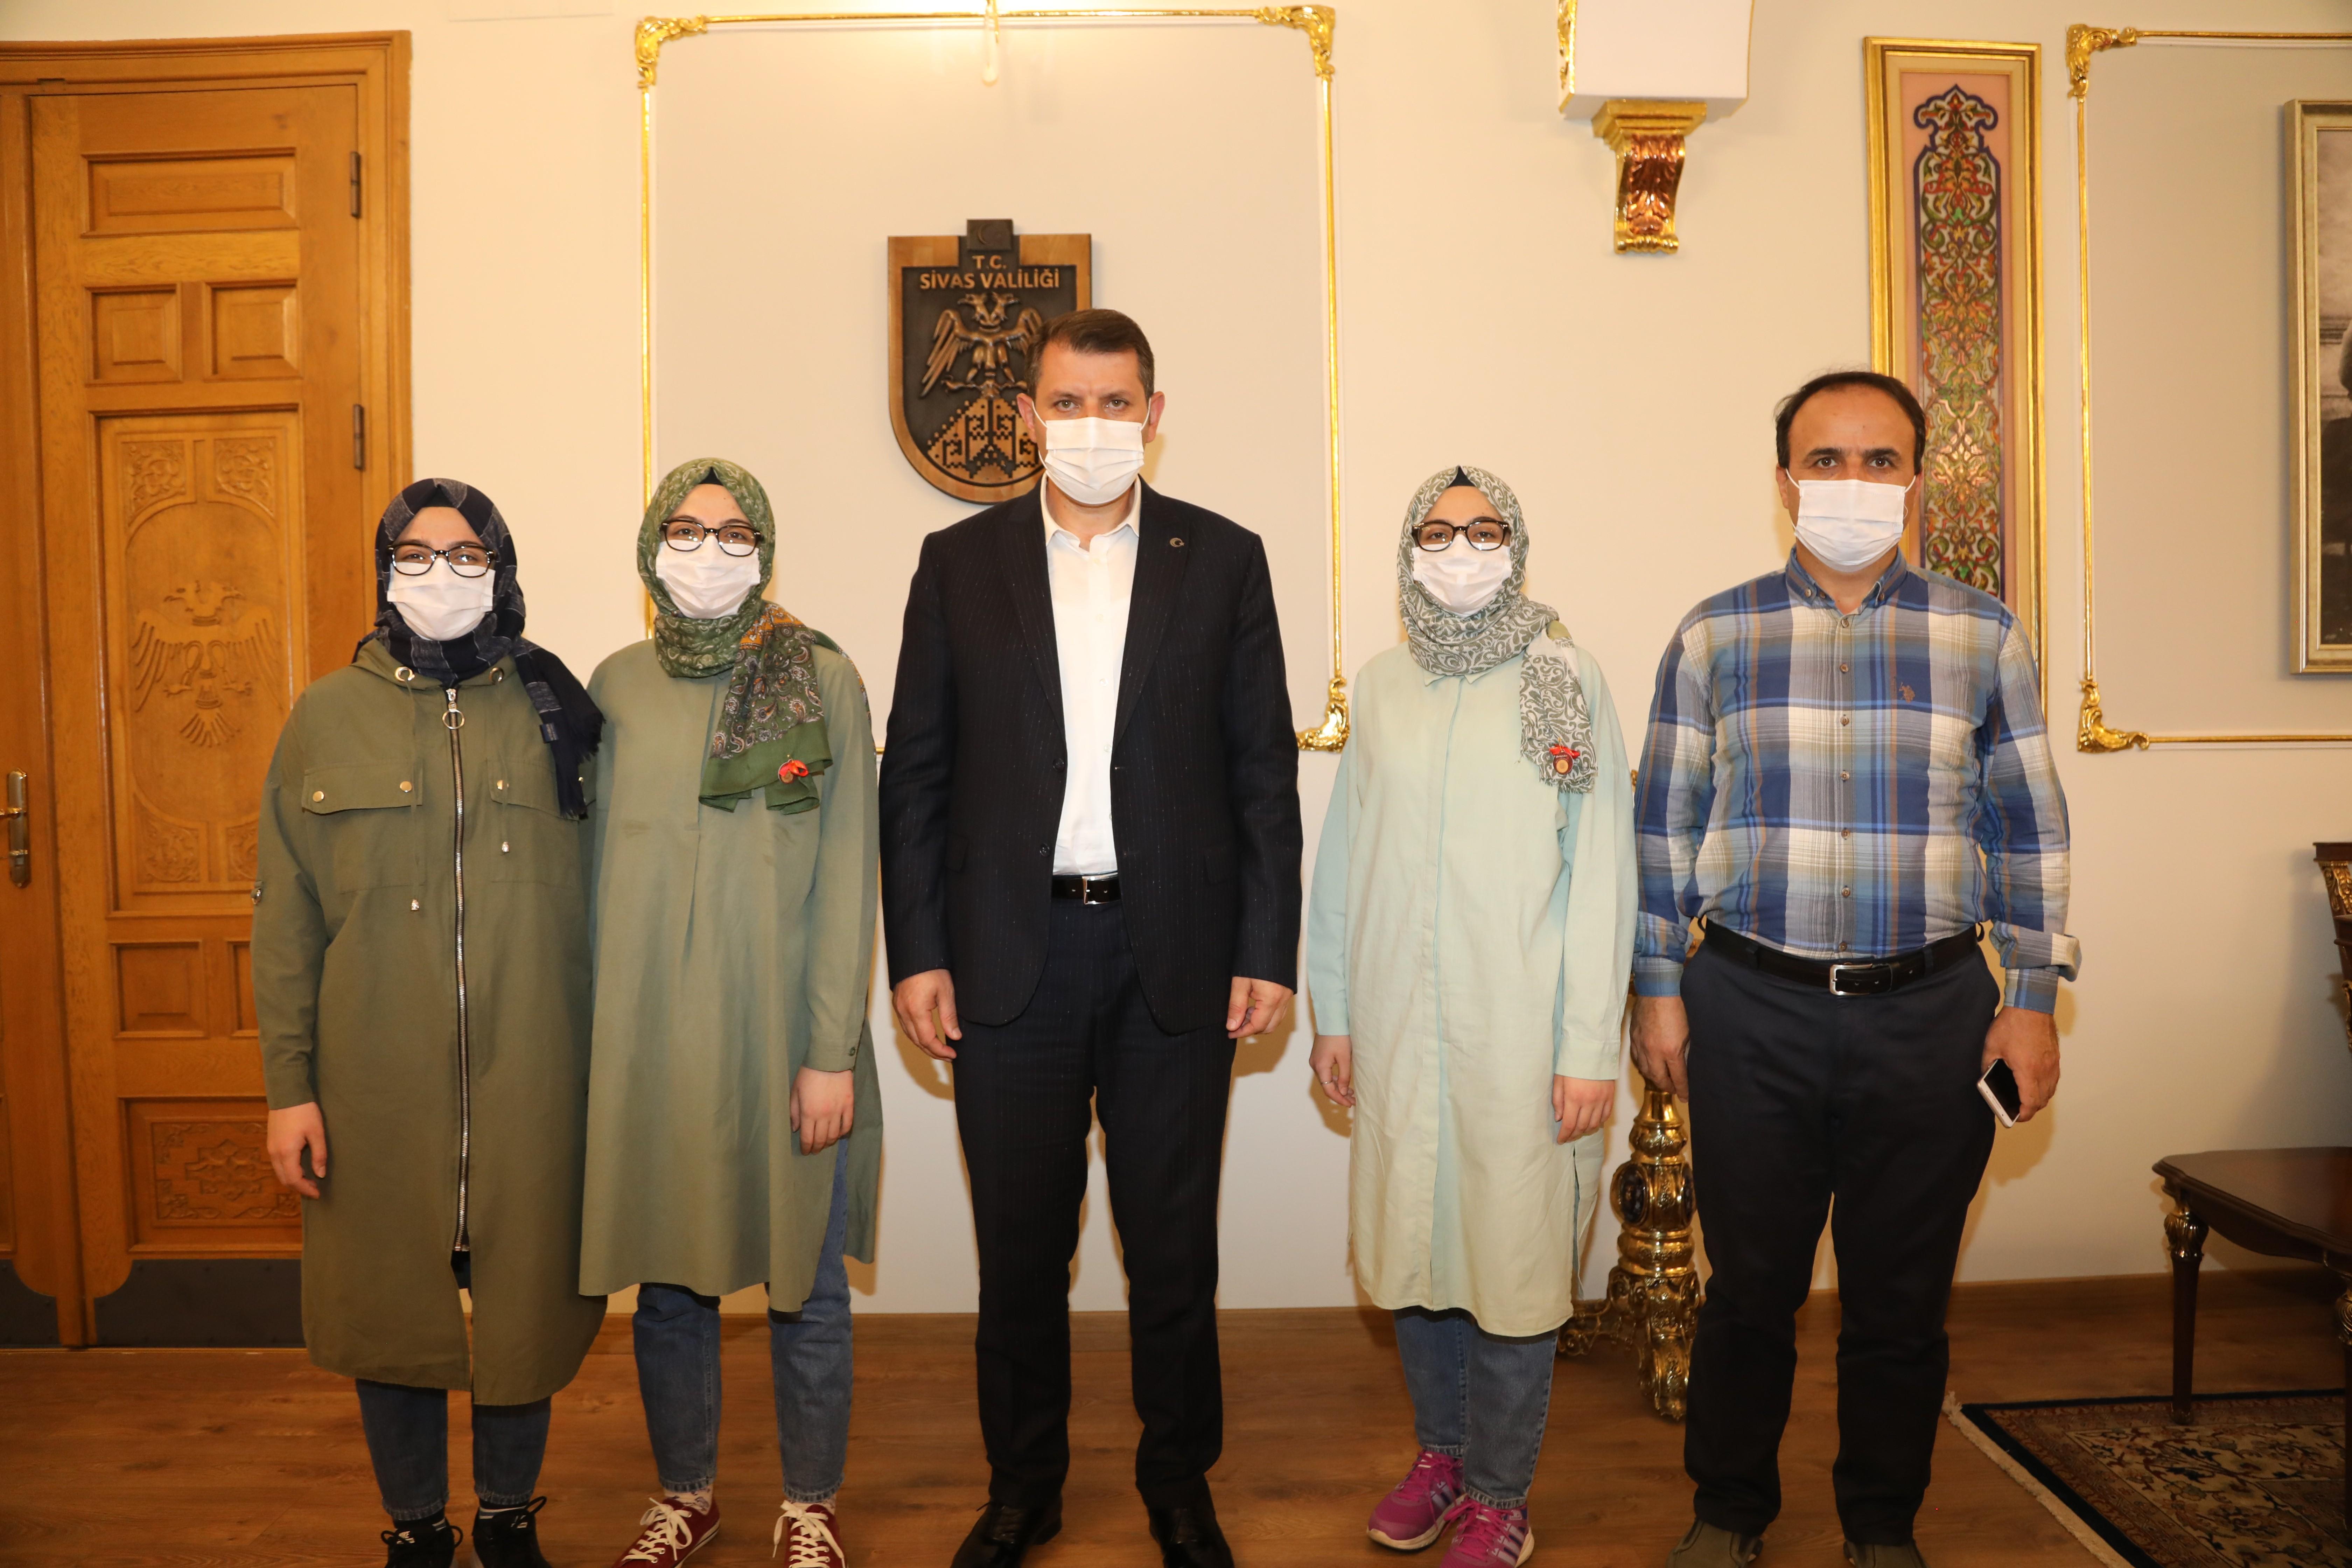 Sivas ta üçüz kardeşler tıp fakültesini kazandı #3